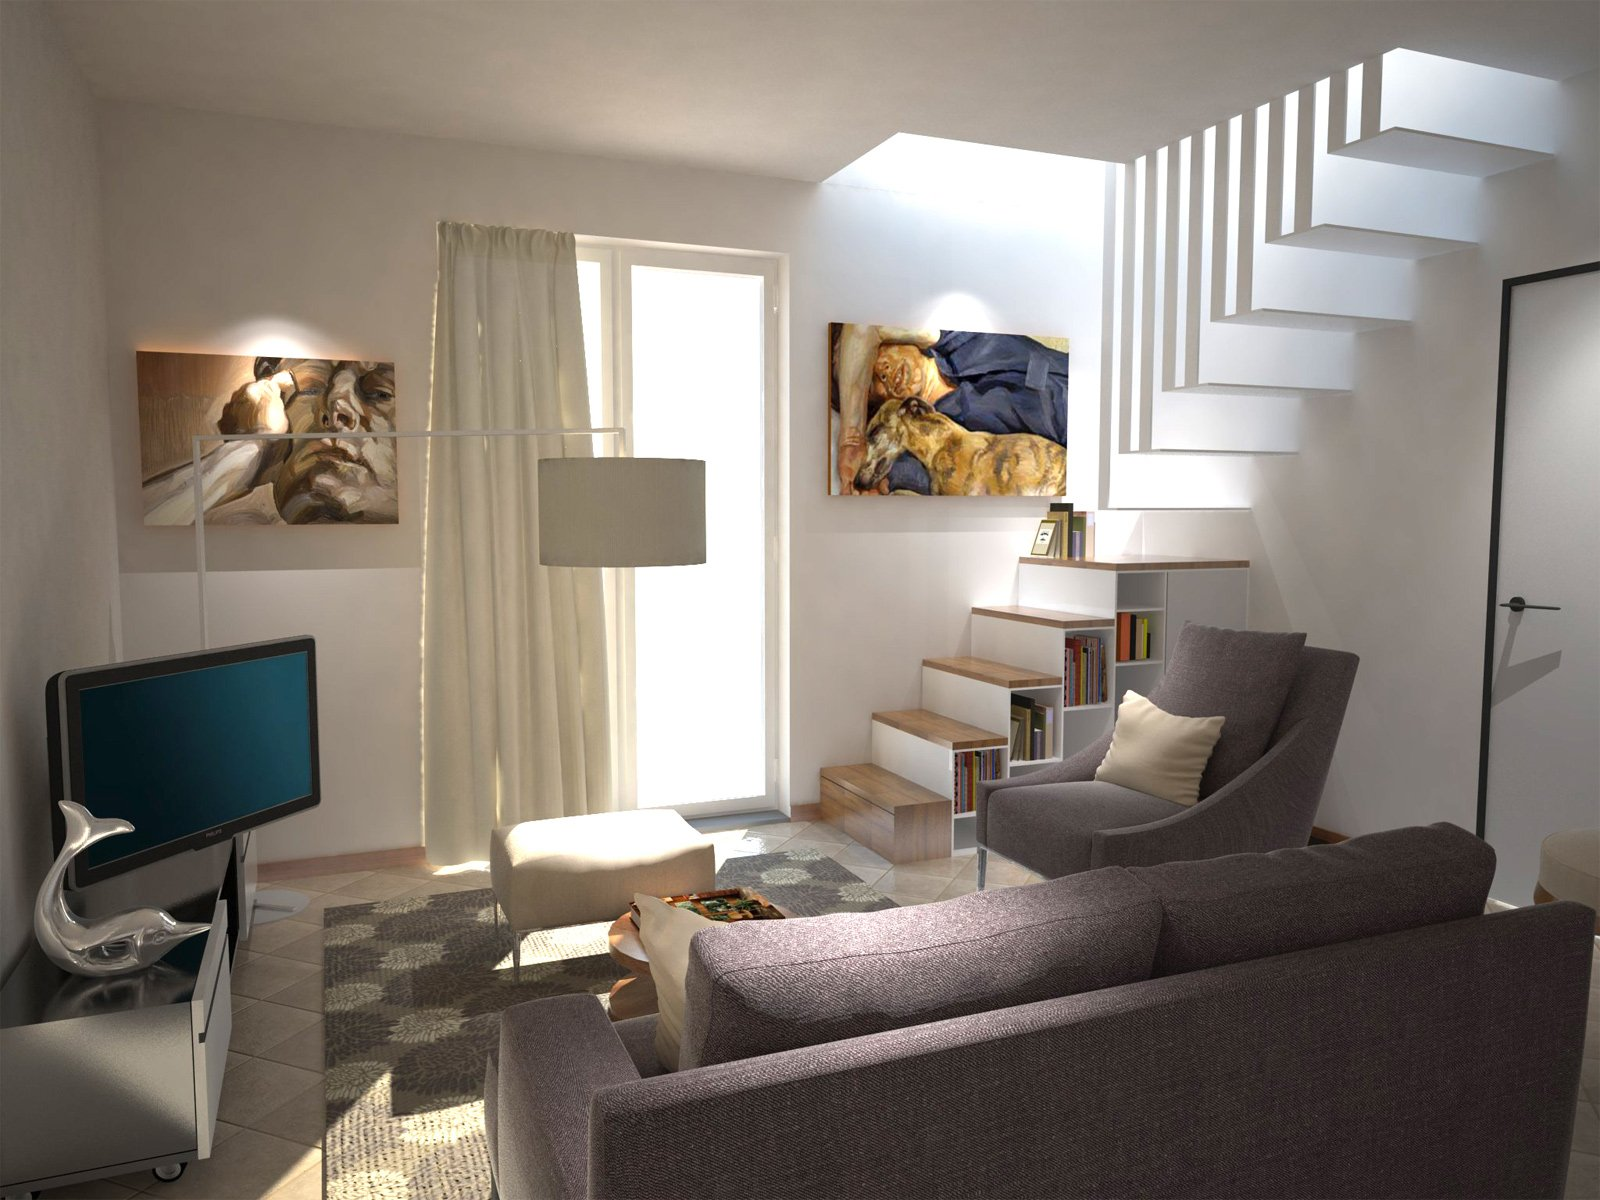 Arredare un soggiorno con tante aperture sulle pareti for Consigli arredo casa